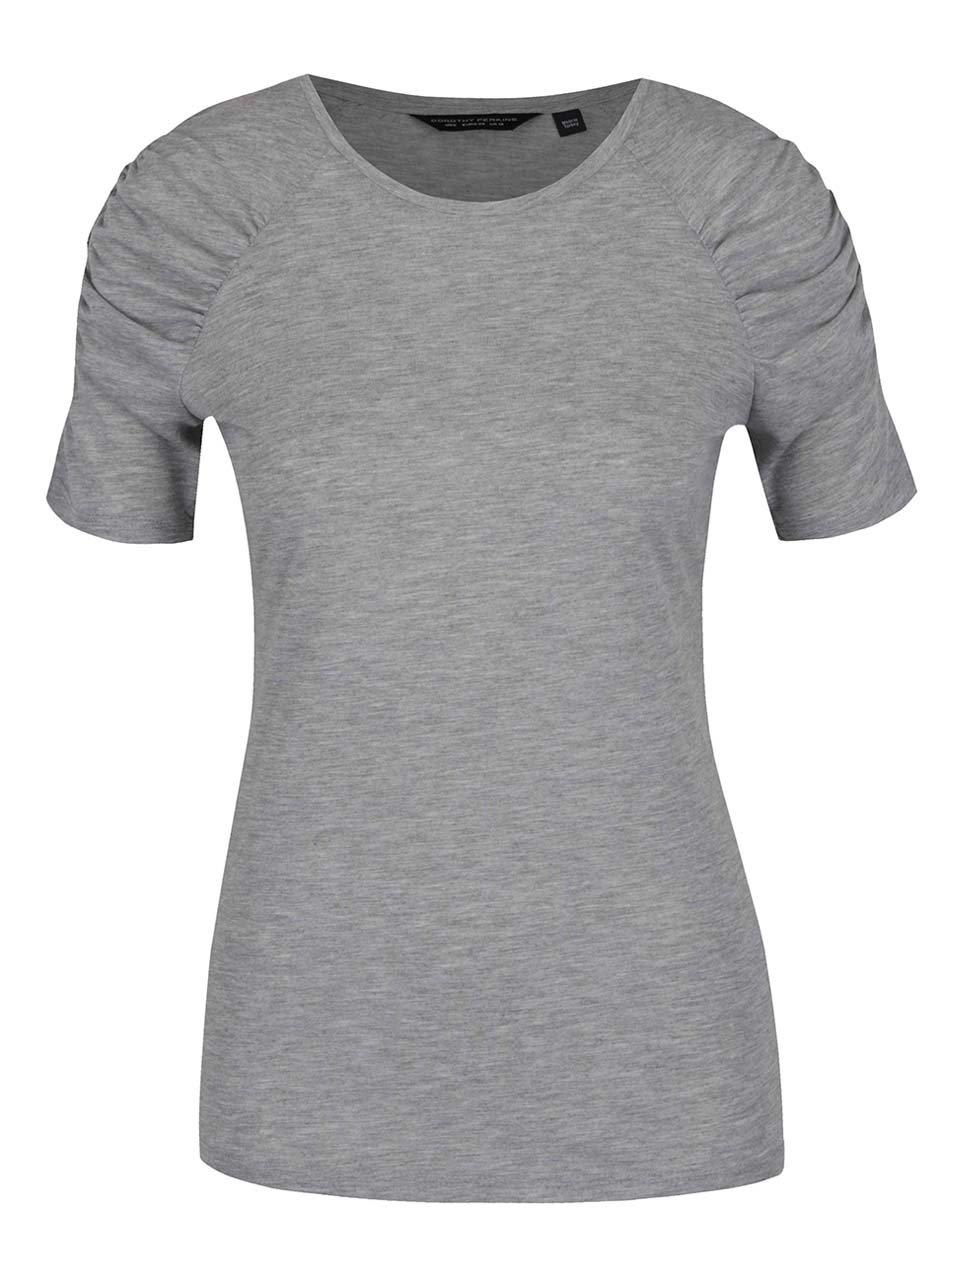 Šedé tričko s řasením na rukávech Dorothy Perkins